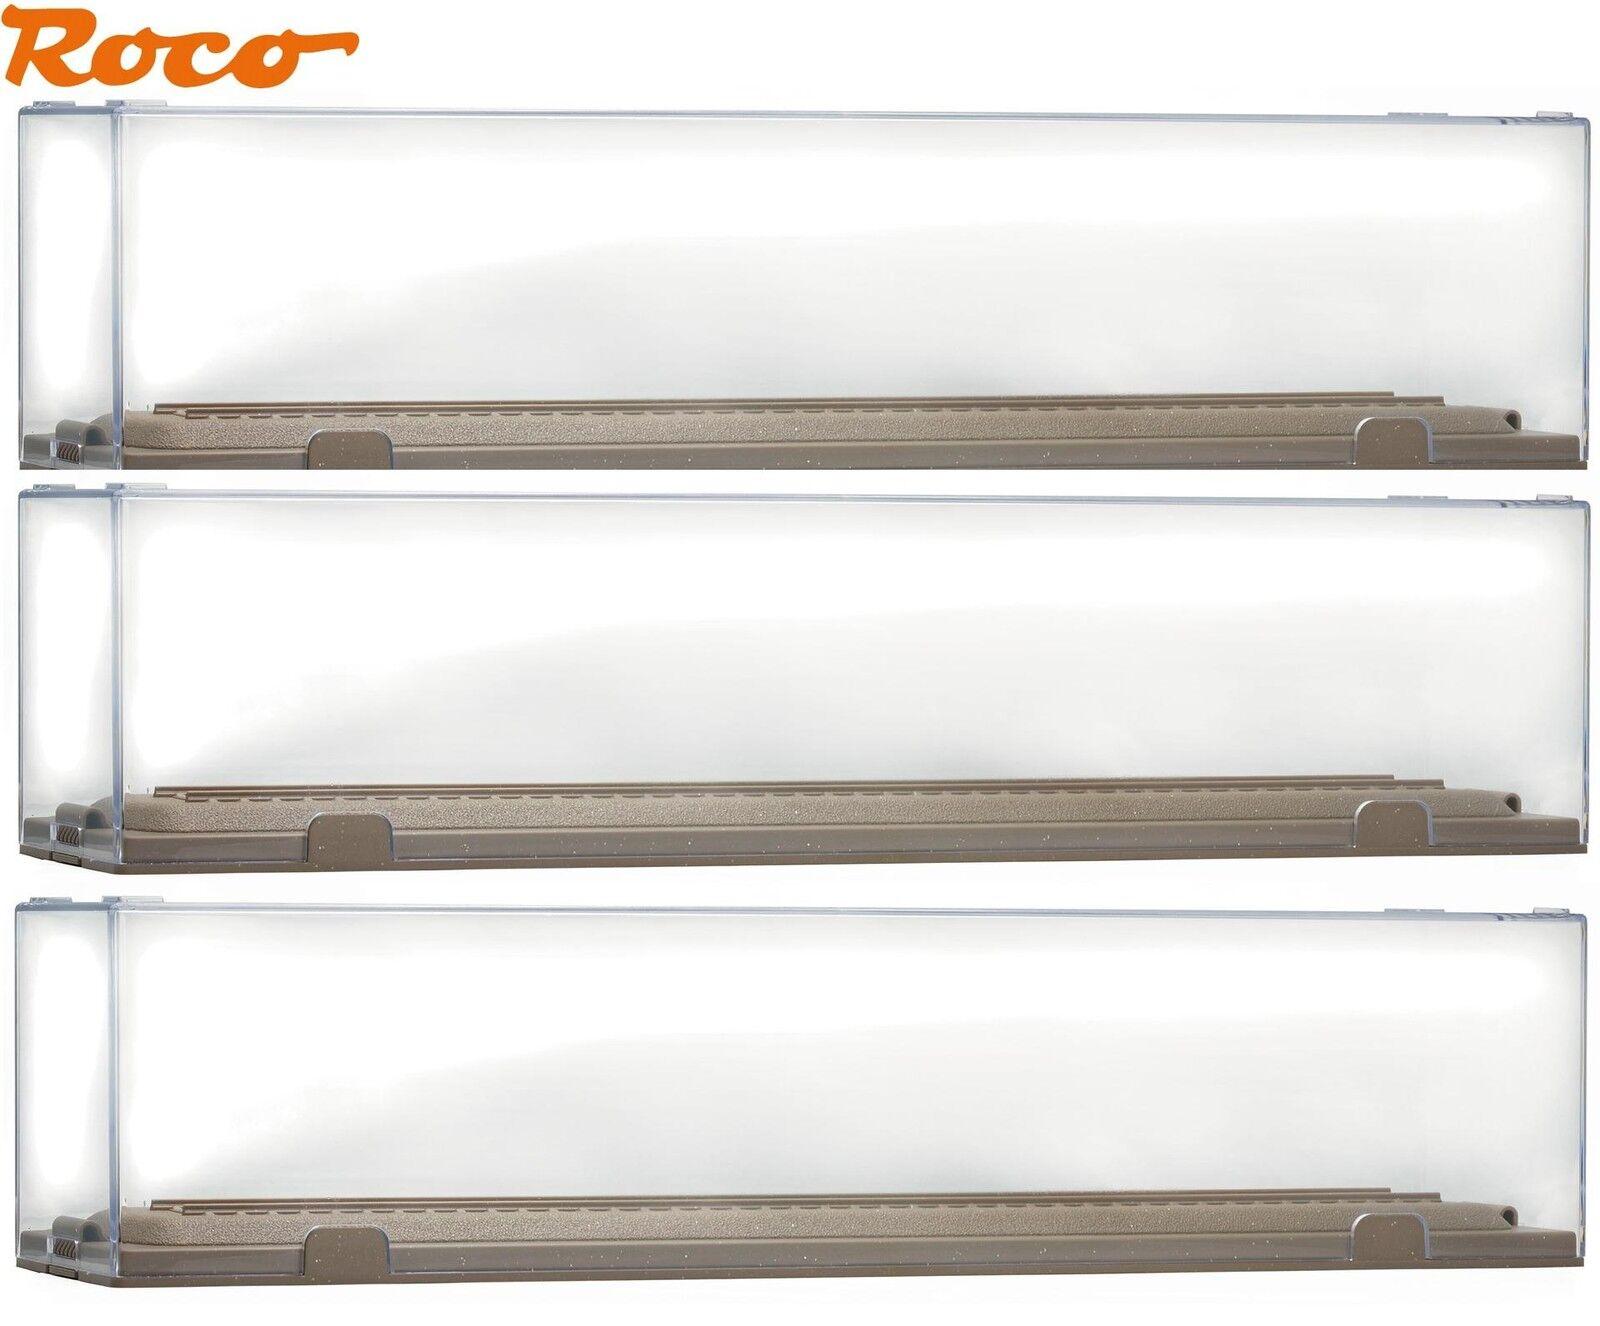 Roco H0 40026-S Vetrina/Vetrina Dimostrativa per Modelli fino a 290 Mm  3 Pezzi